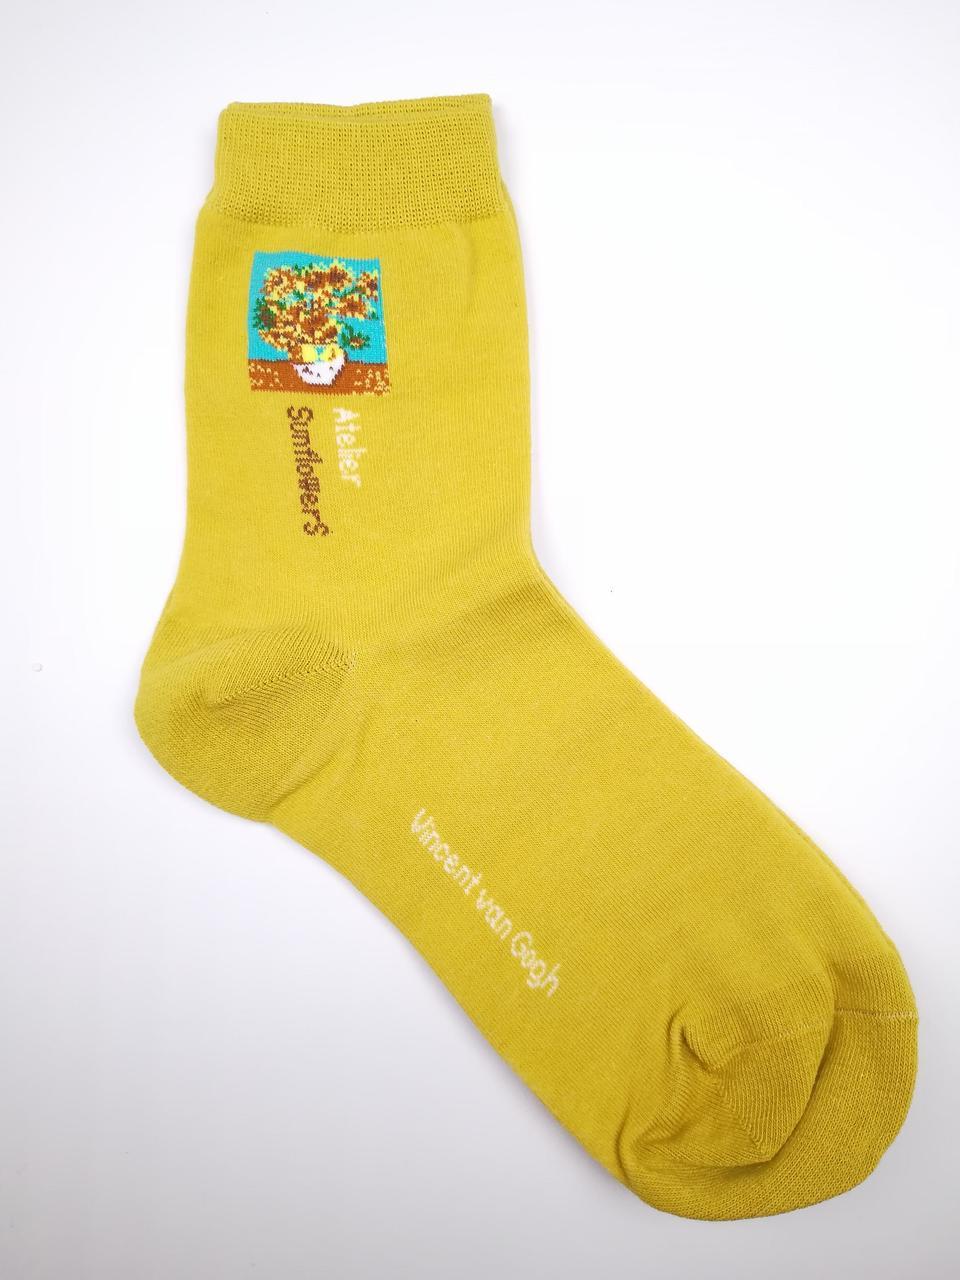 """Жовті жіночі високі шкарпетки з принтом """"Соняшники"""""""